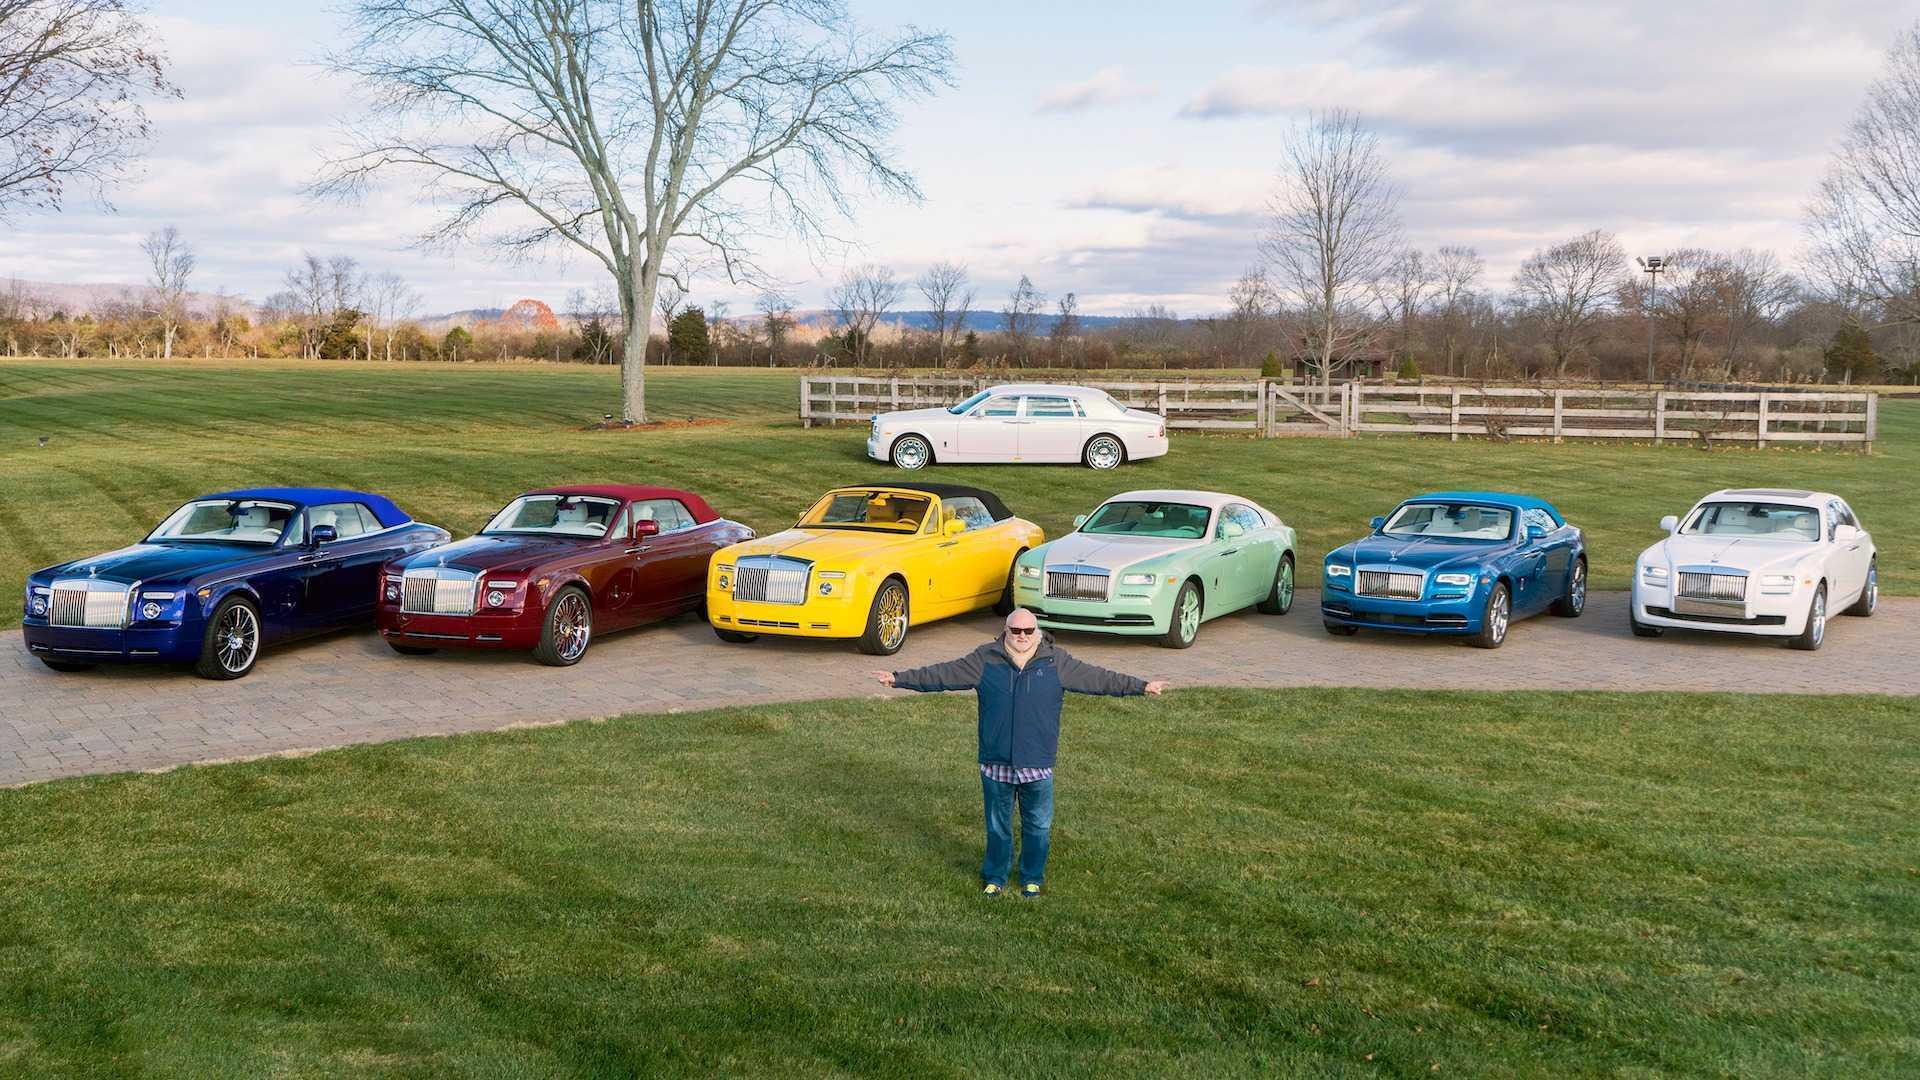 Đại gia sở hữu 10 siêu xe Rolls-Royce màu độc, đặt theo tên mình-1